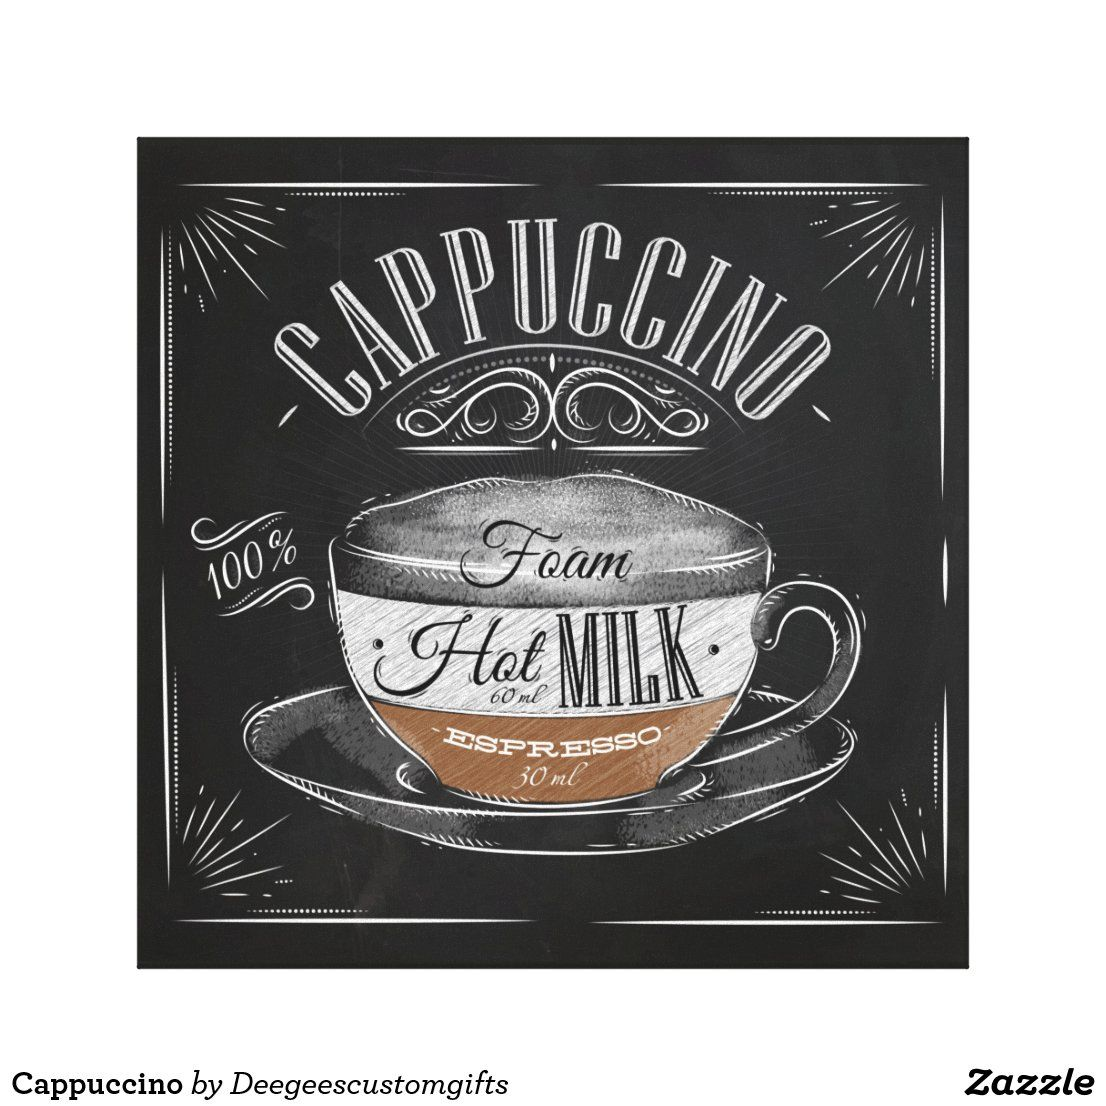 Cappuccino Canvas Print Zazzle Com In 2020 Cappuccino Coffee Fashion Monday Humor